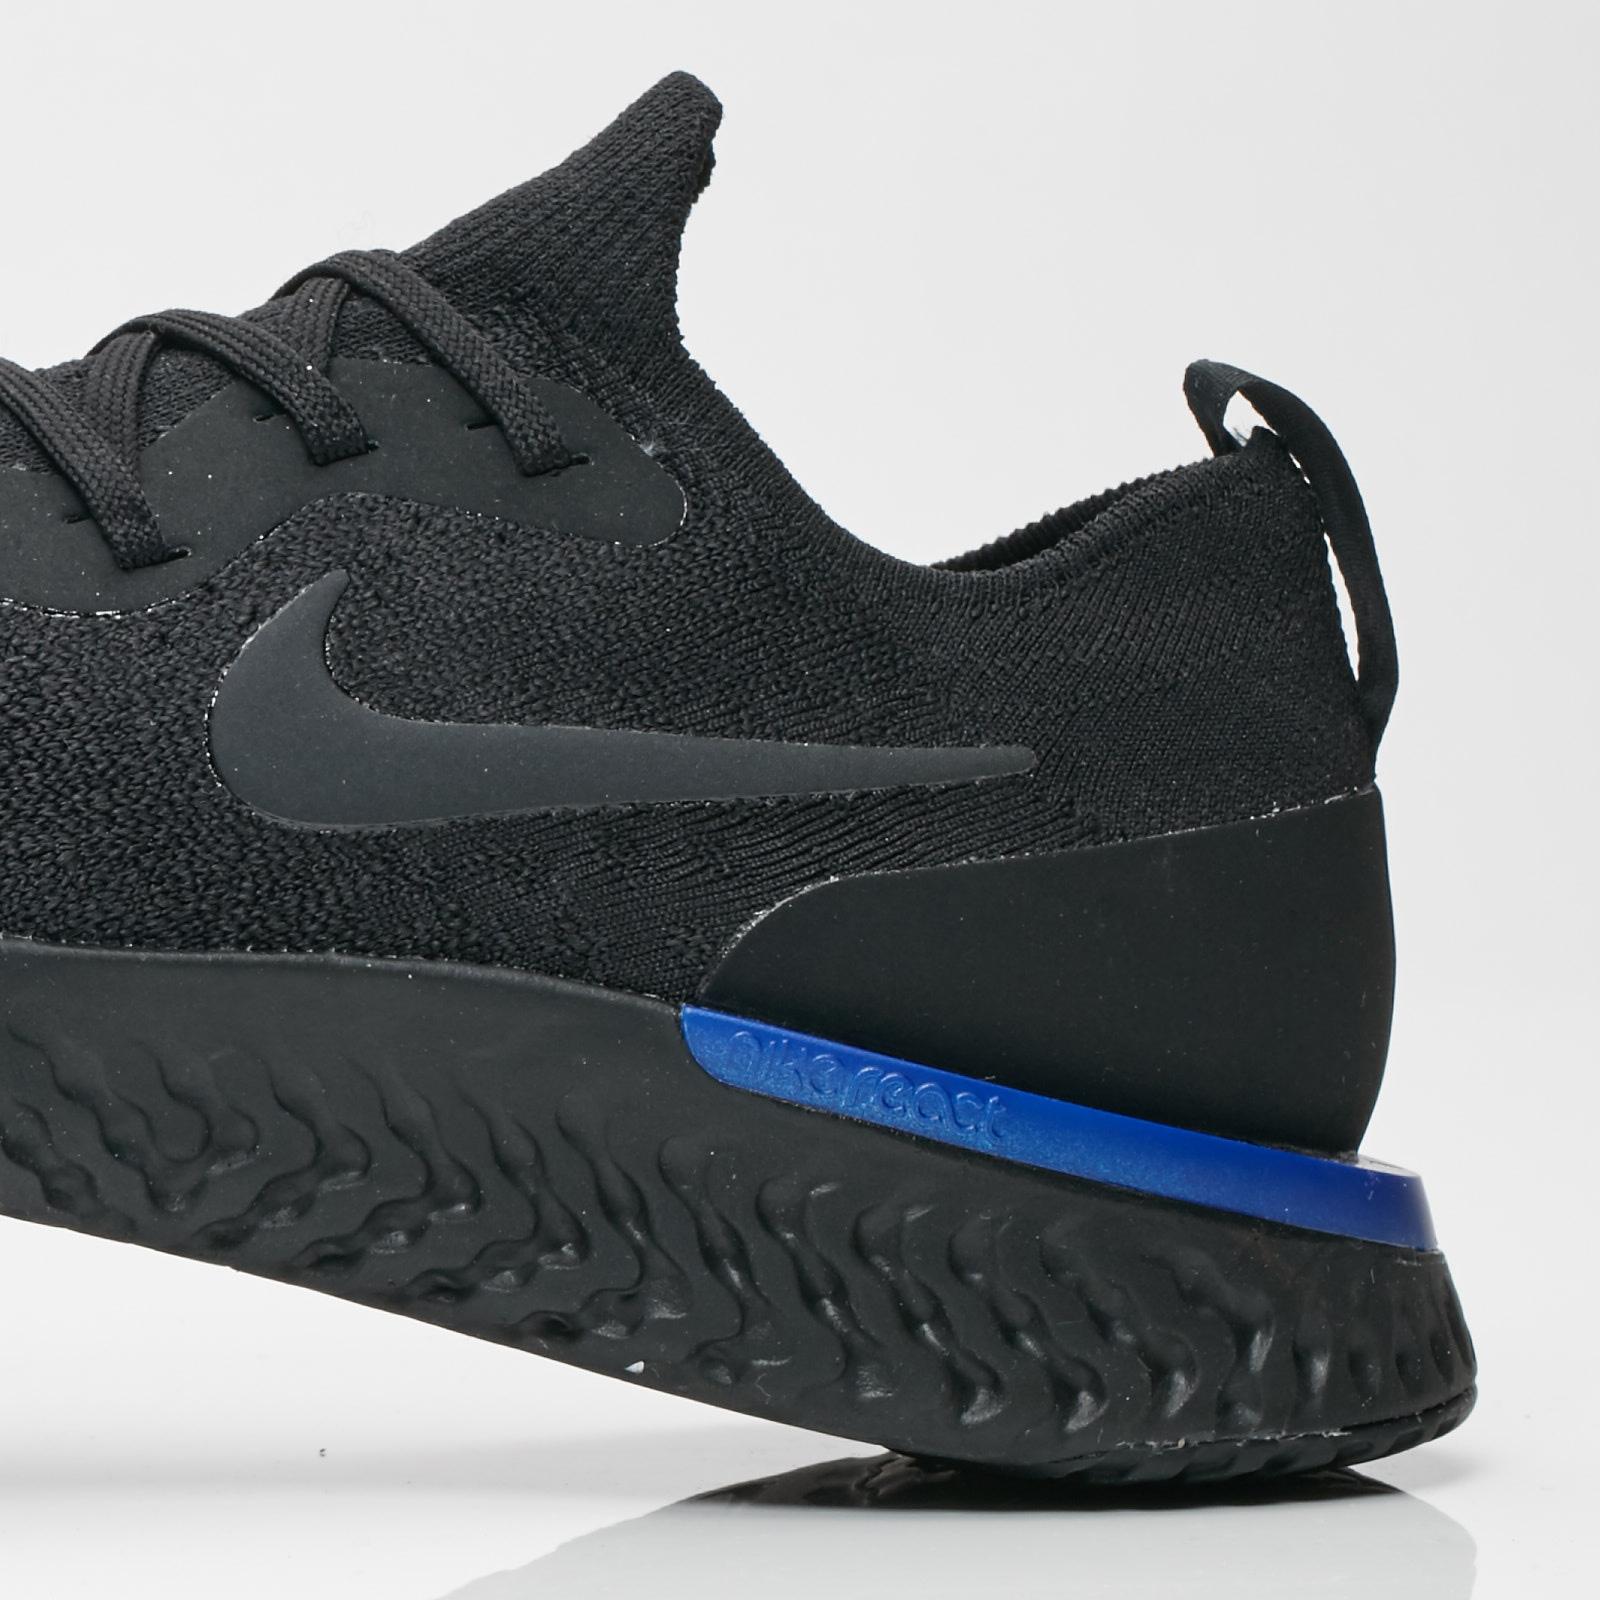 d9ede1837701 Nike Epic React Flyknit - Aq0067-004 - Sneakersnstuff